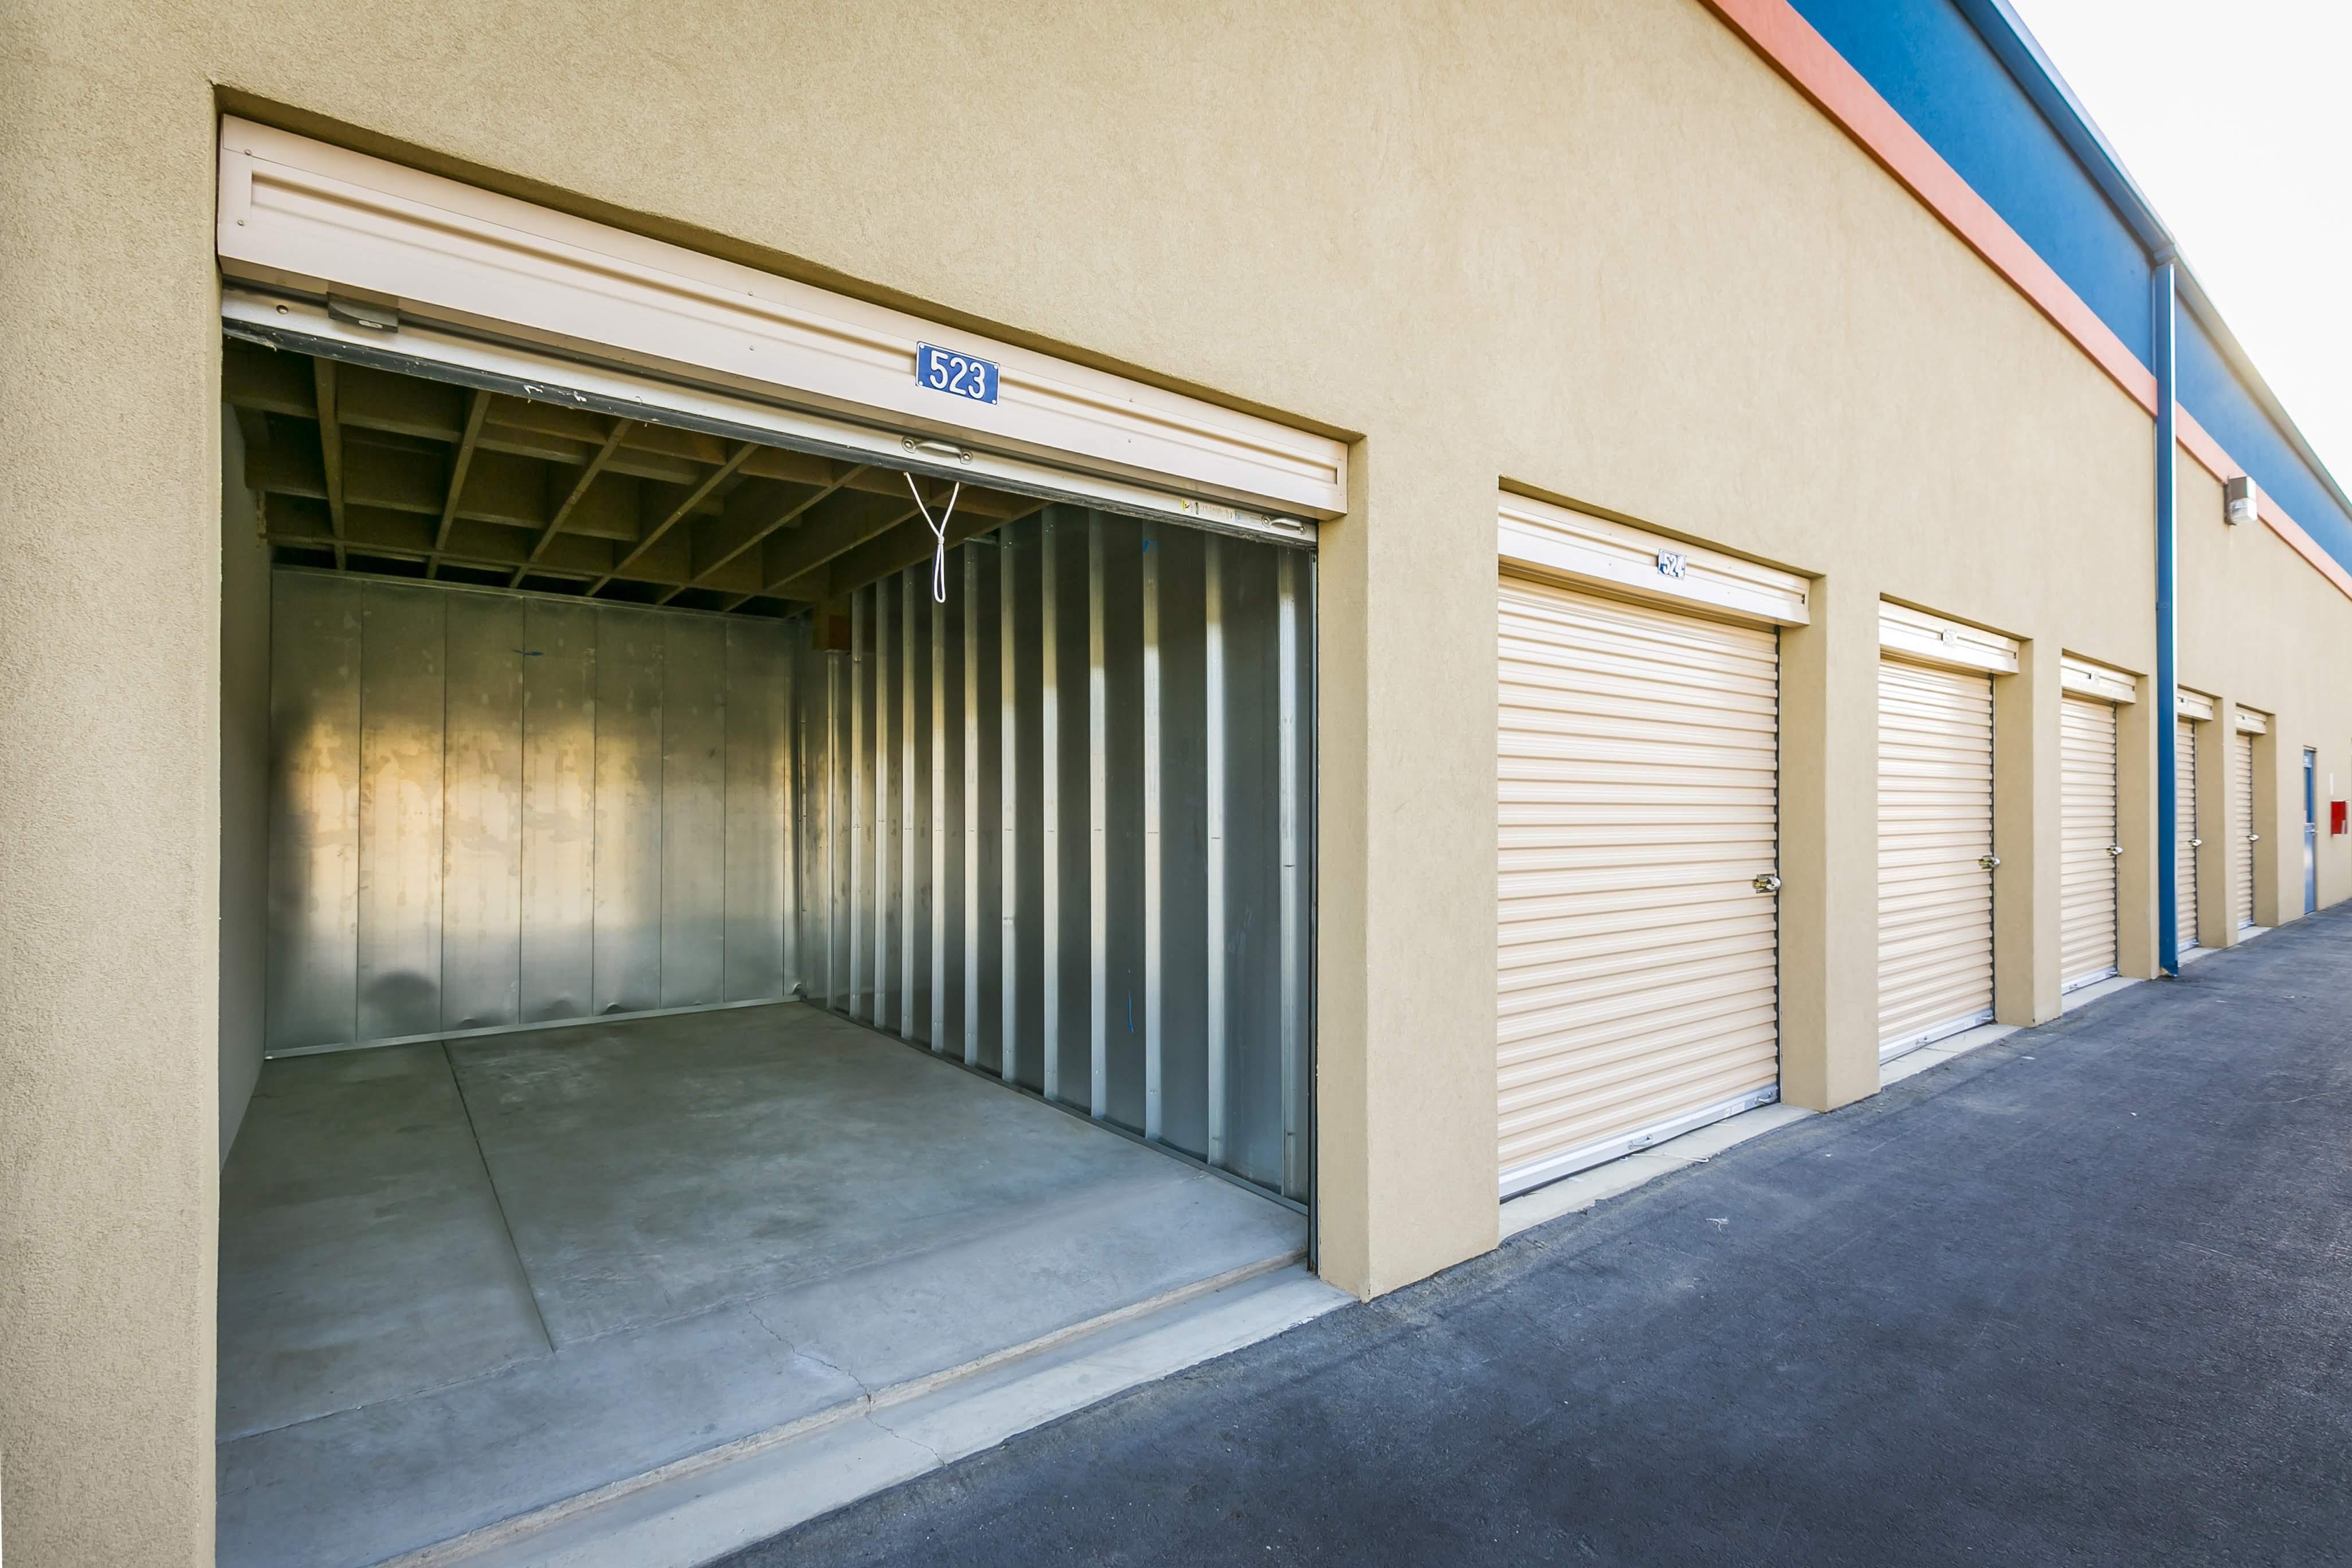 Storage unit with open door